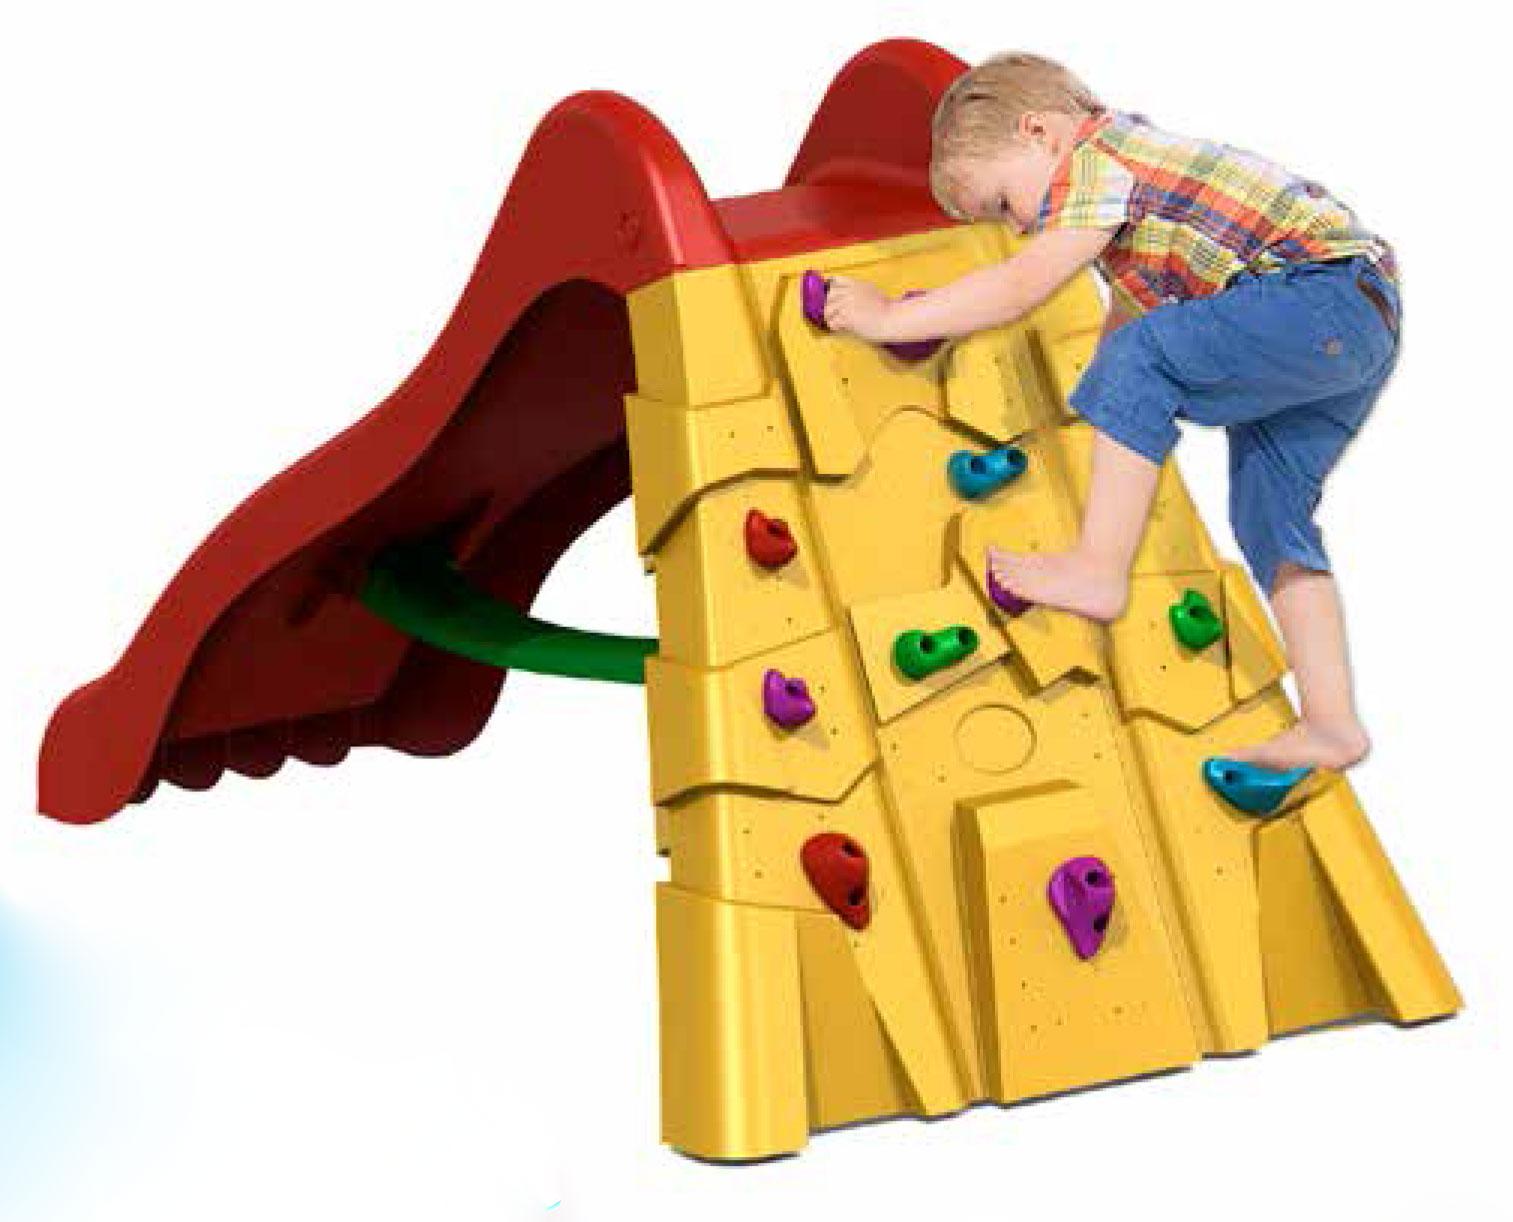 Scivolo in plastica rocks 200 cm con appoggi per scalata - Giochi da esterno per bambini ...